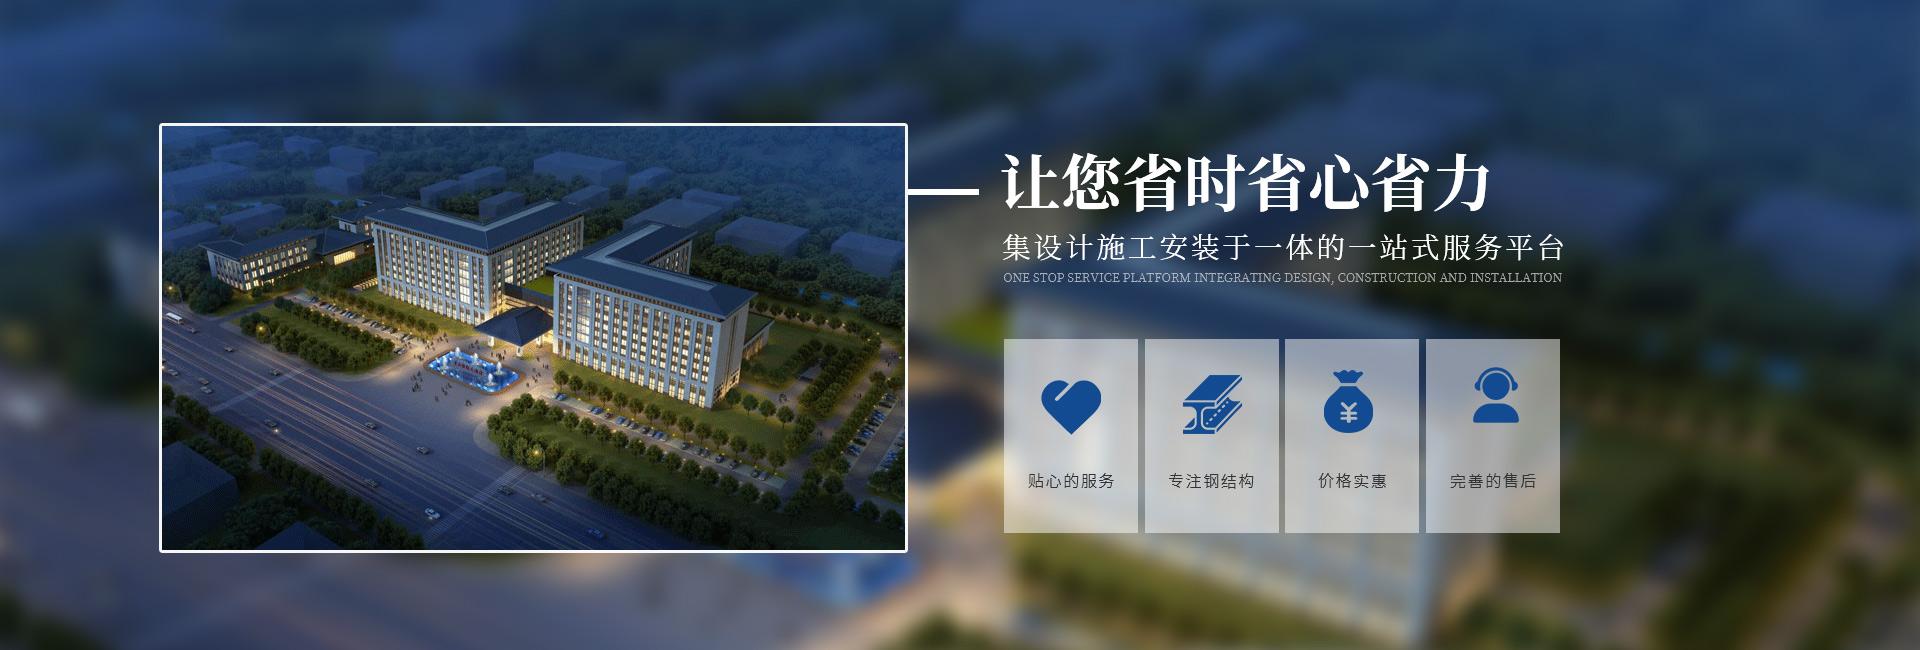 重庆钢结构建筑公司